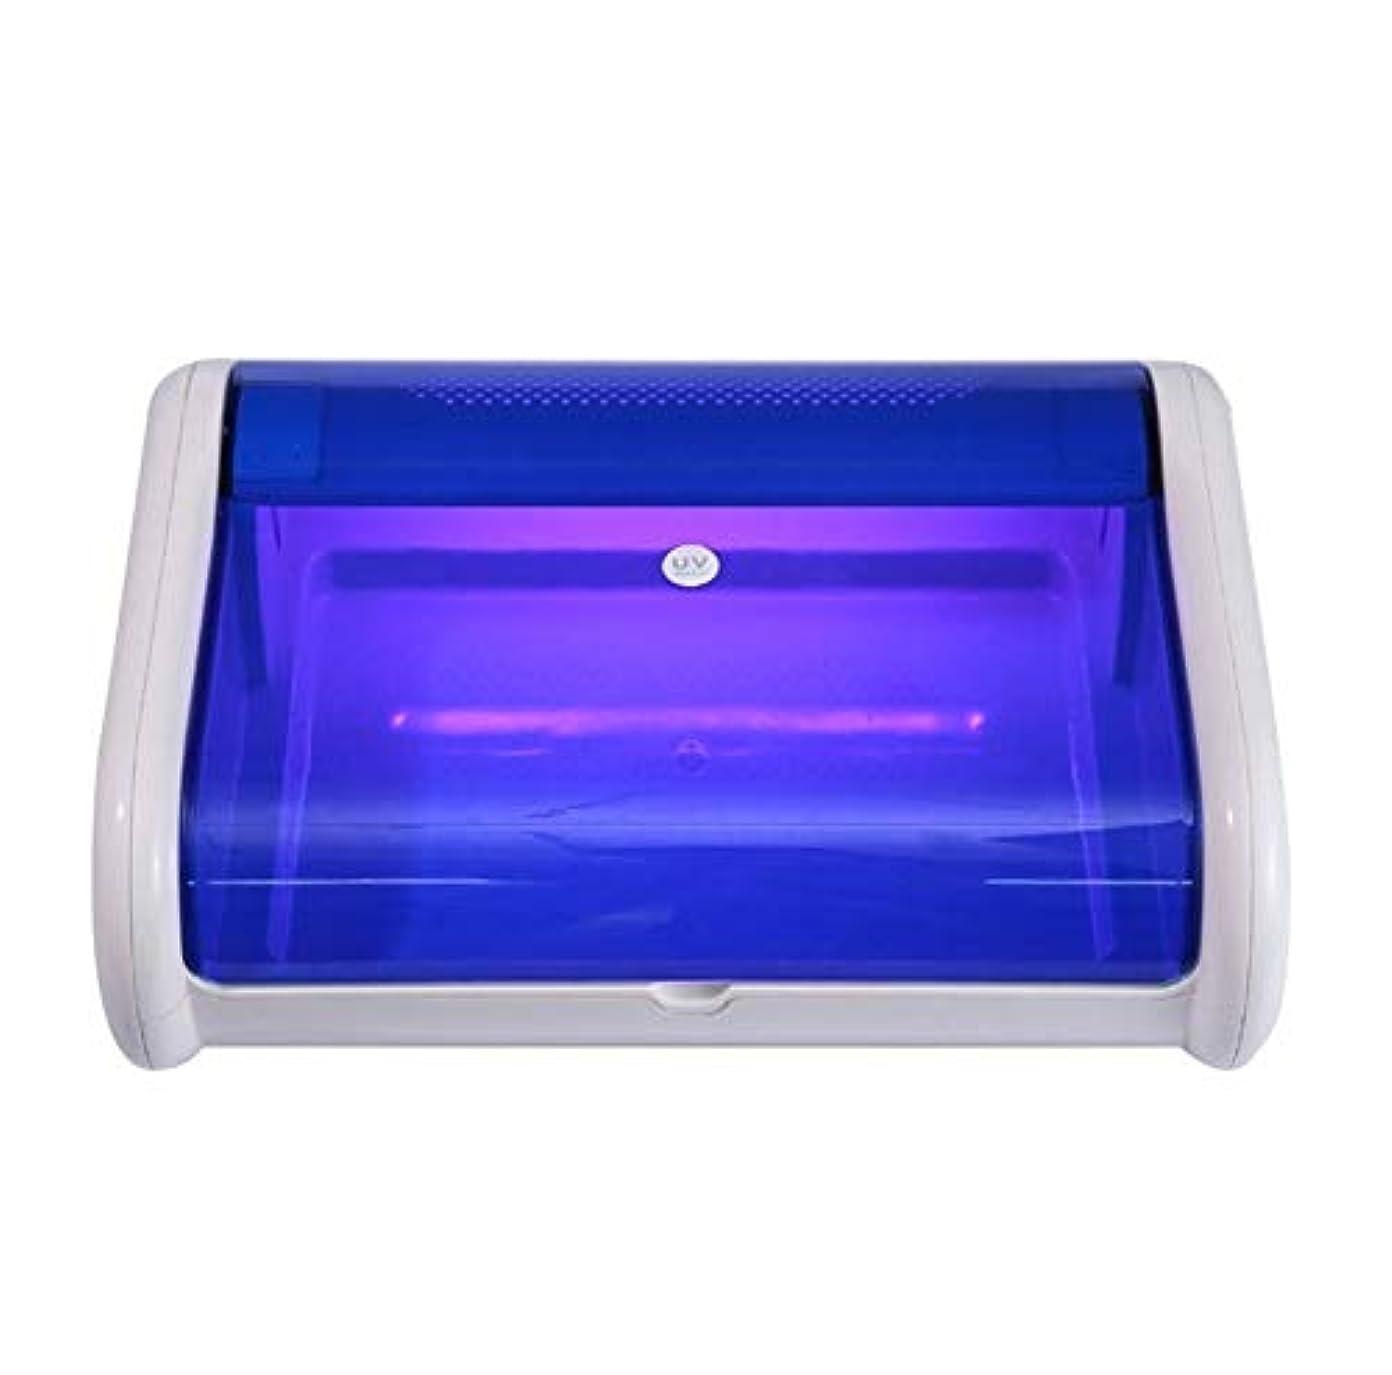 高めるコロニーサラダ8ワットサロンuv滅菌プロプロフェッショナル紫外線消毒ネイル滅菌器温度消毒キャビネットマニキュア美容機